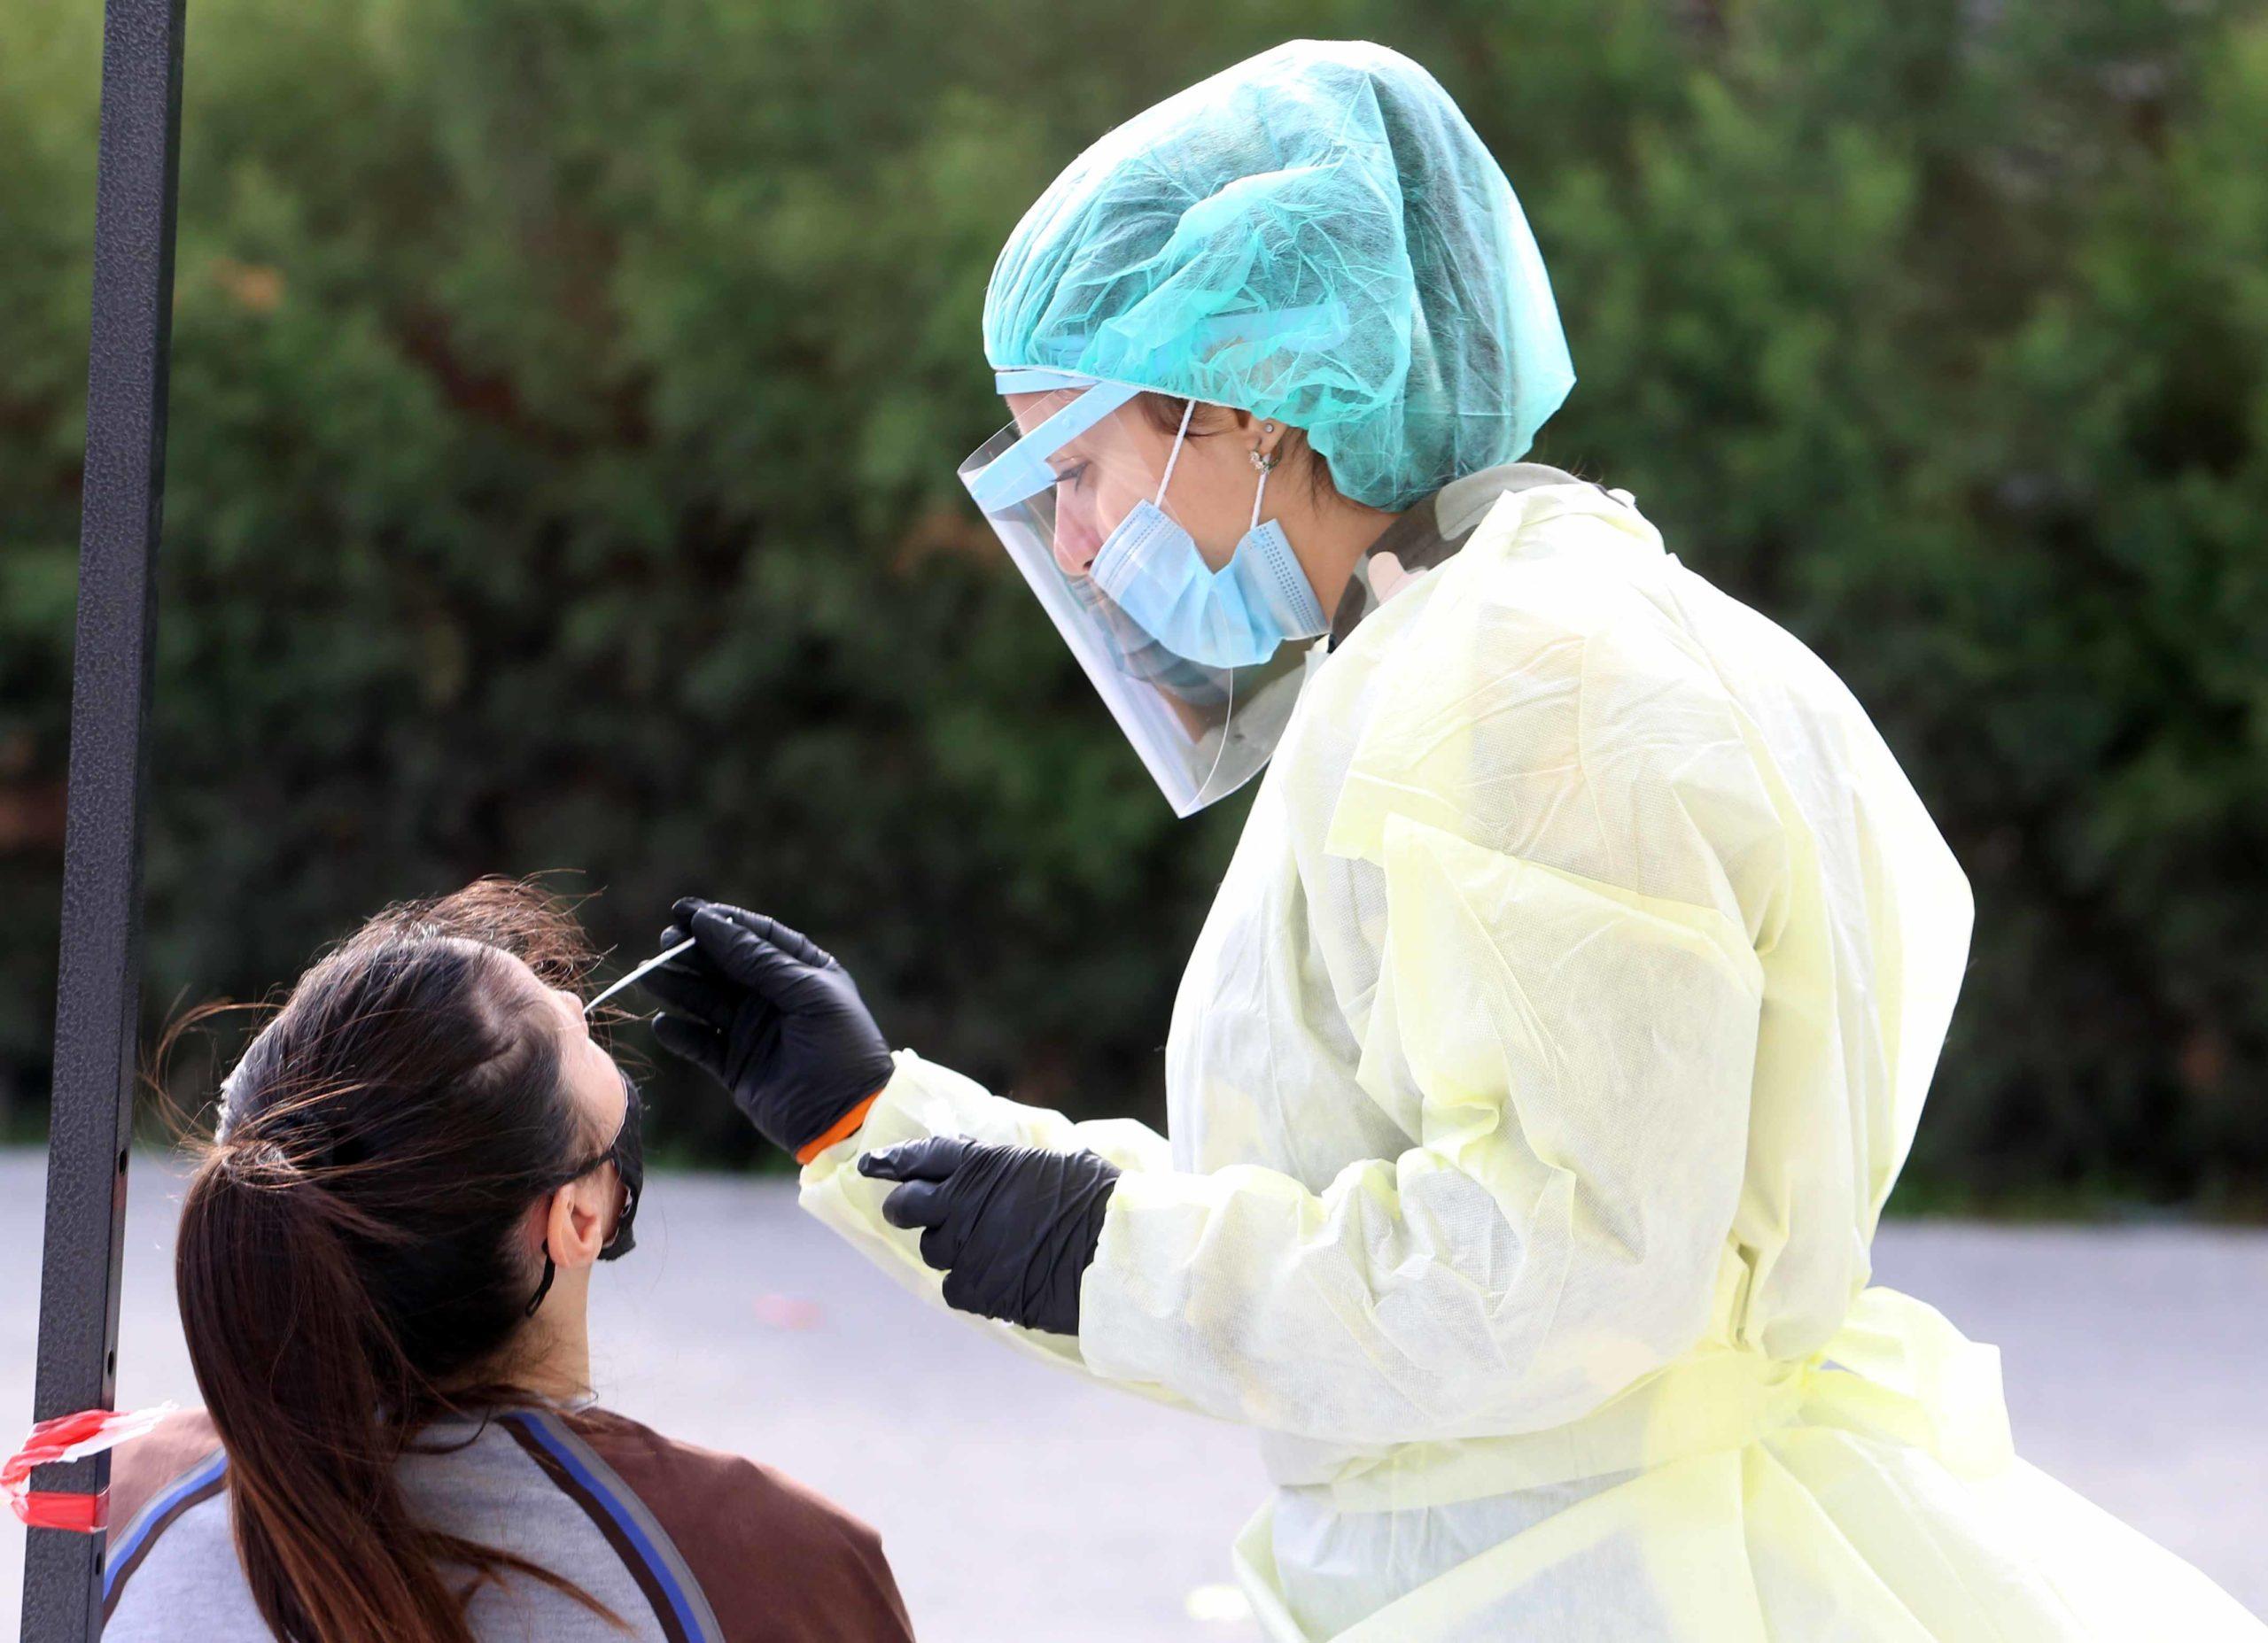 142 νέα κρούσματα στην Κύπρο το τελευταίο 24ωρο